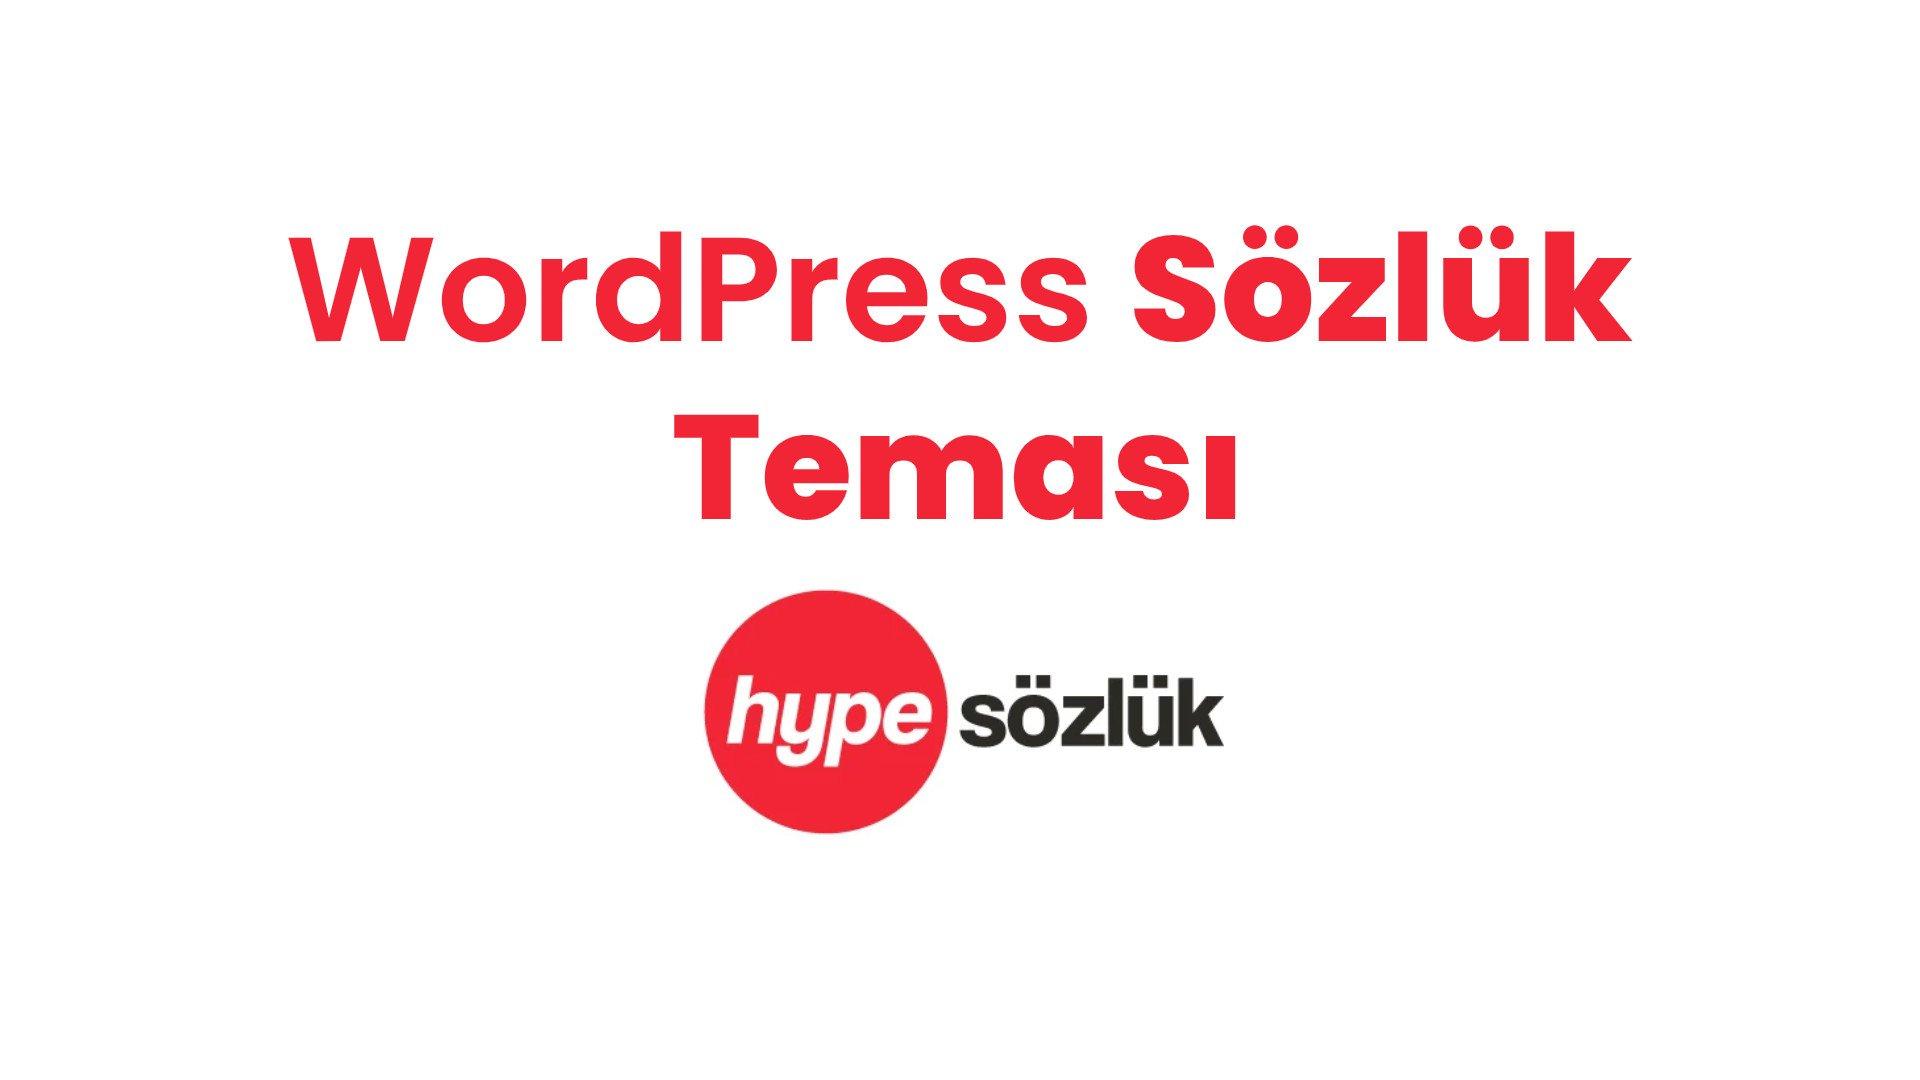 WordPress Sözlük Teması – HypeSözlük